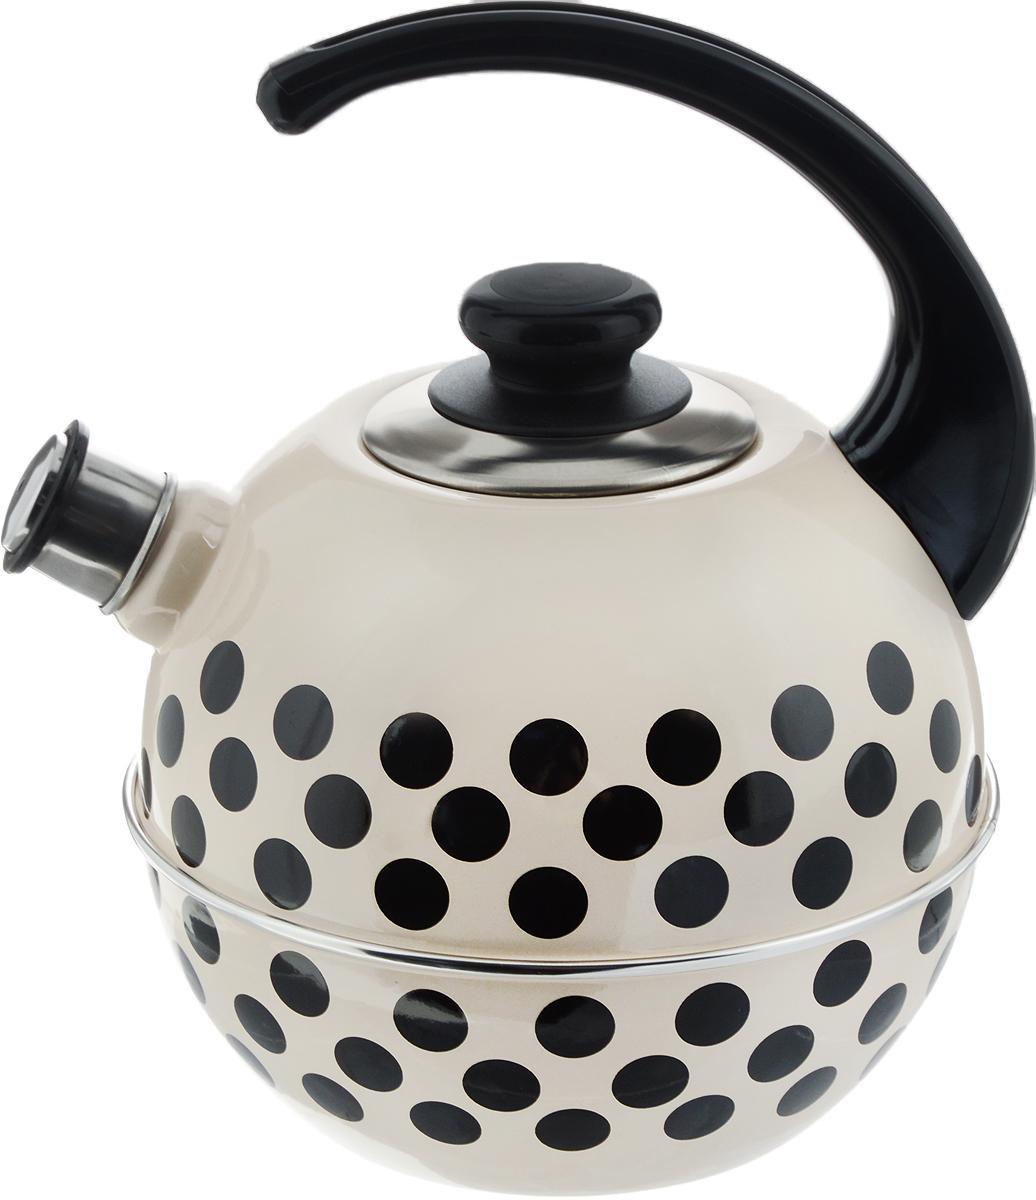 Чайник эмалированный Рубин  Горох , со свистком, цвет: слоновая кость, черный, 3,5 л - Посуда для приготовления